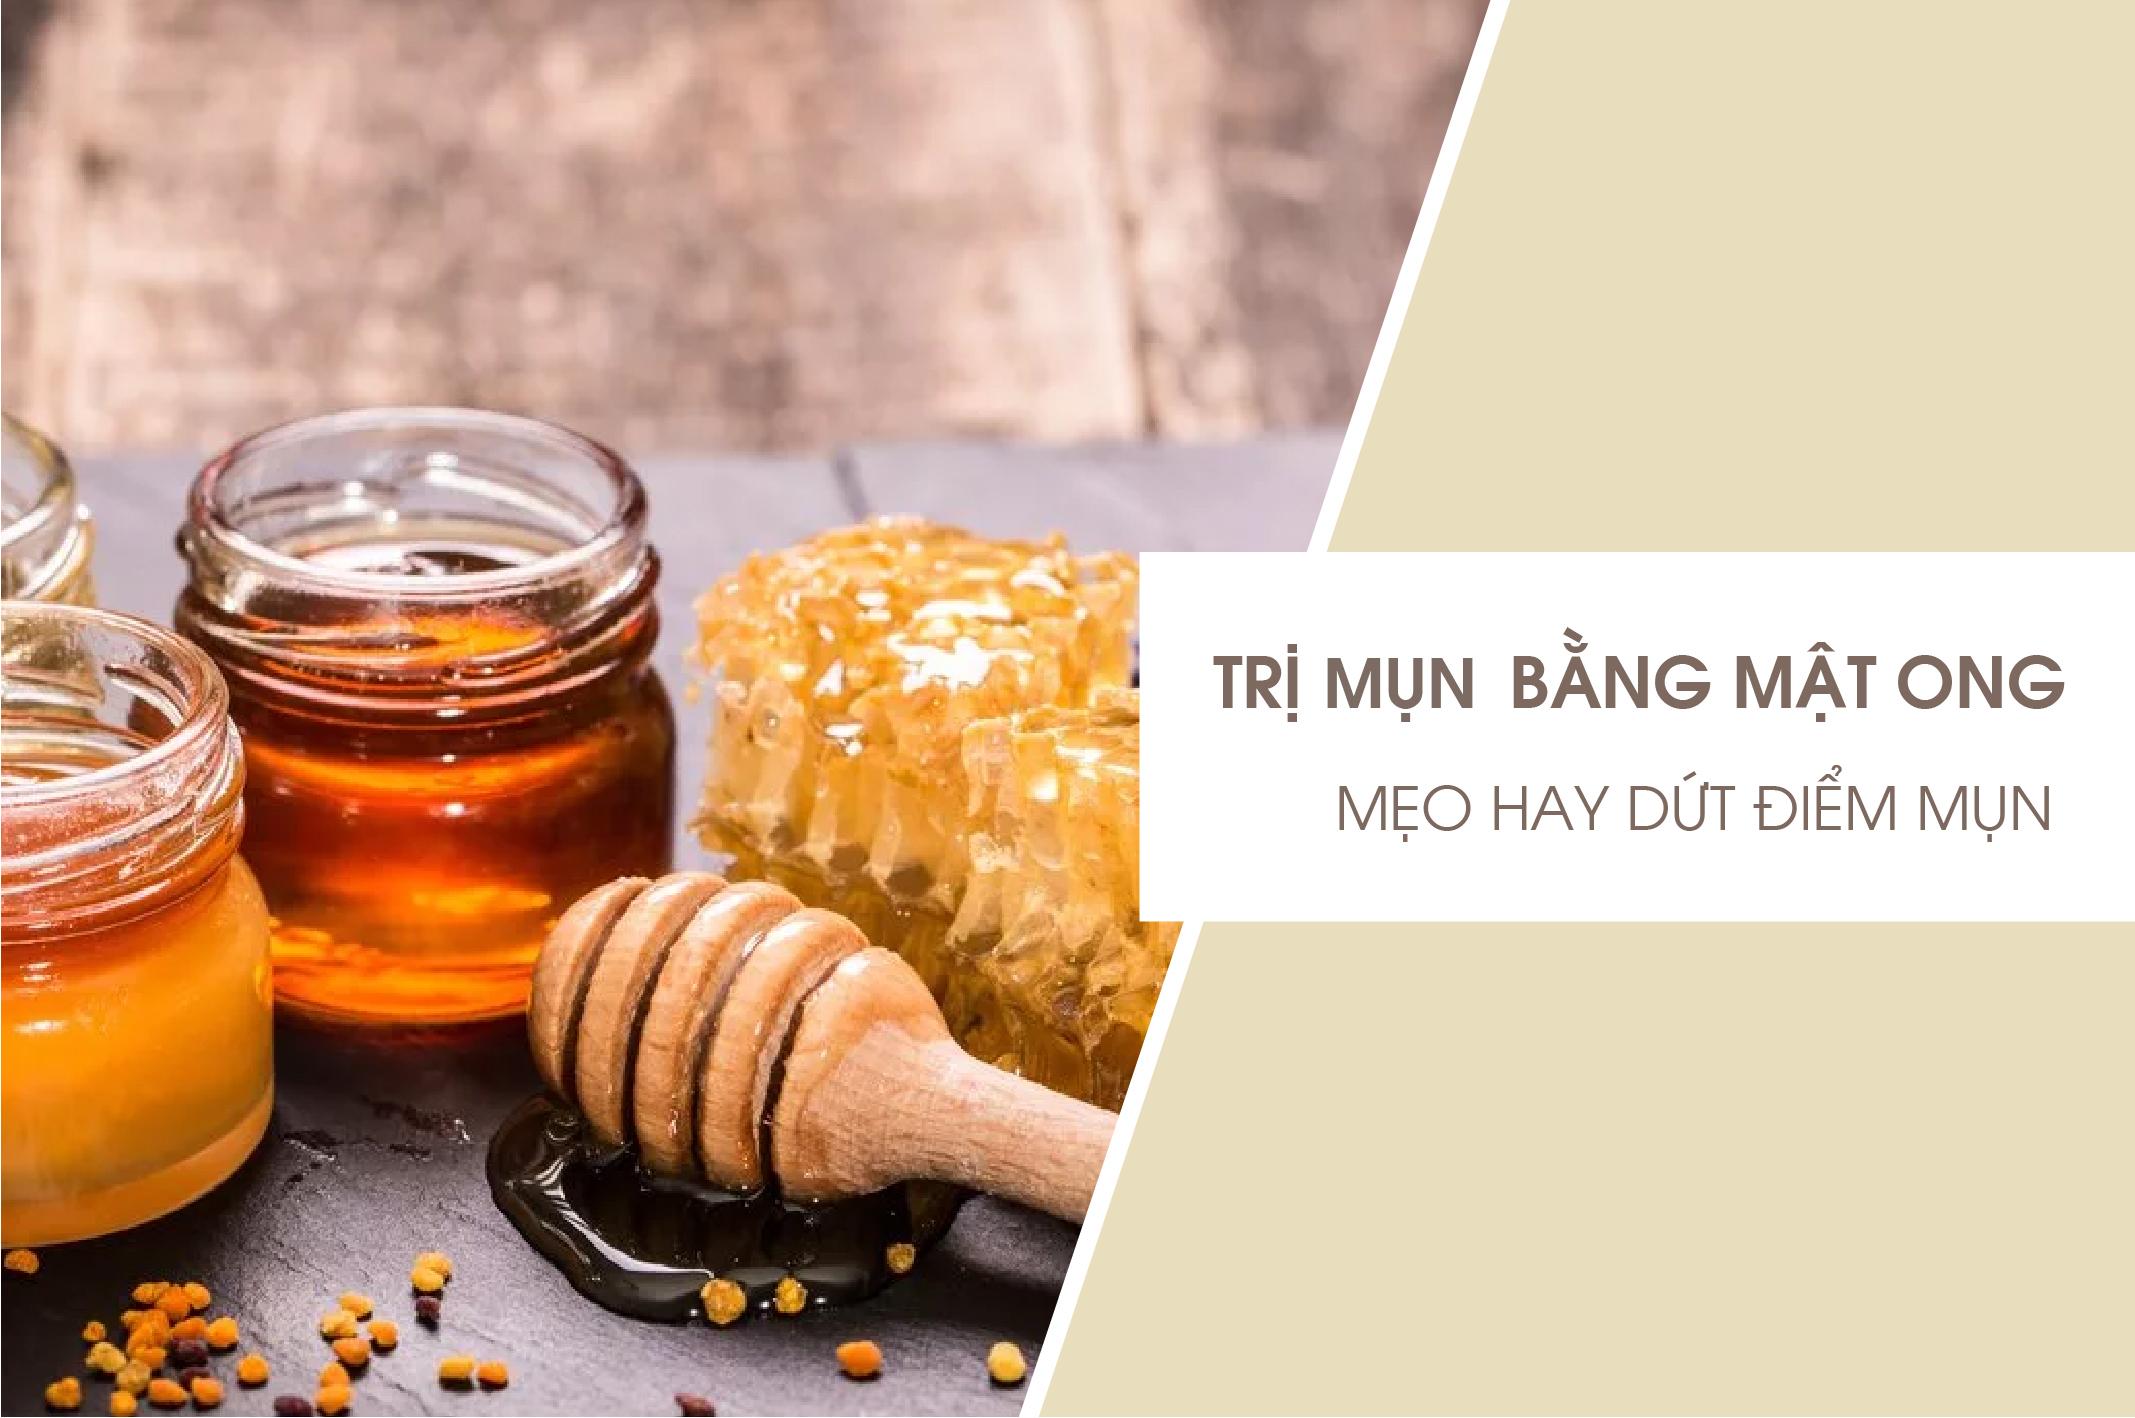 tri-mun-bang-mat-ong-meo-hay-dut-diem-mun